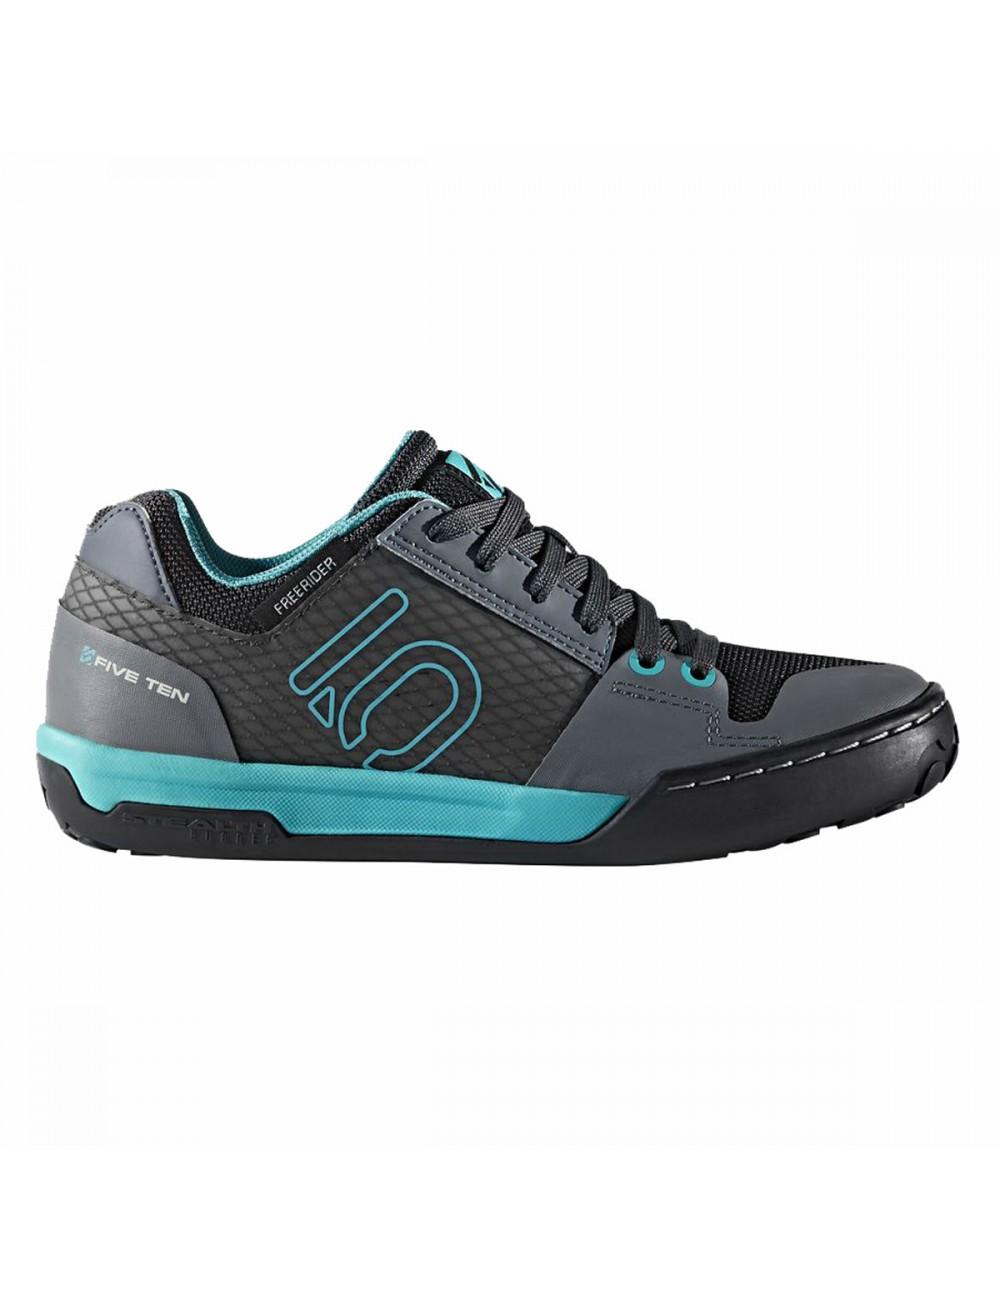 Five Ten Freerider Contact Shoes - Green_11377